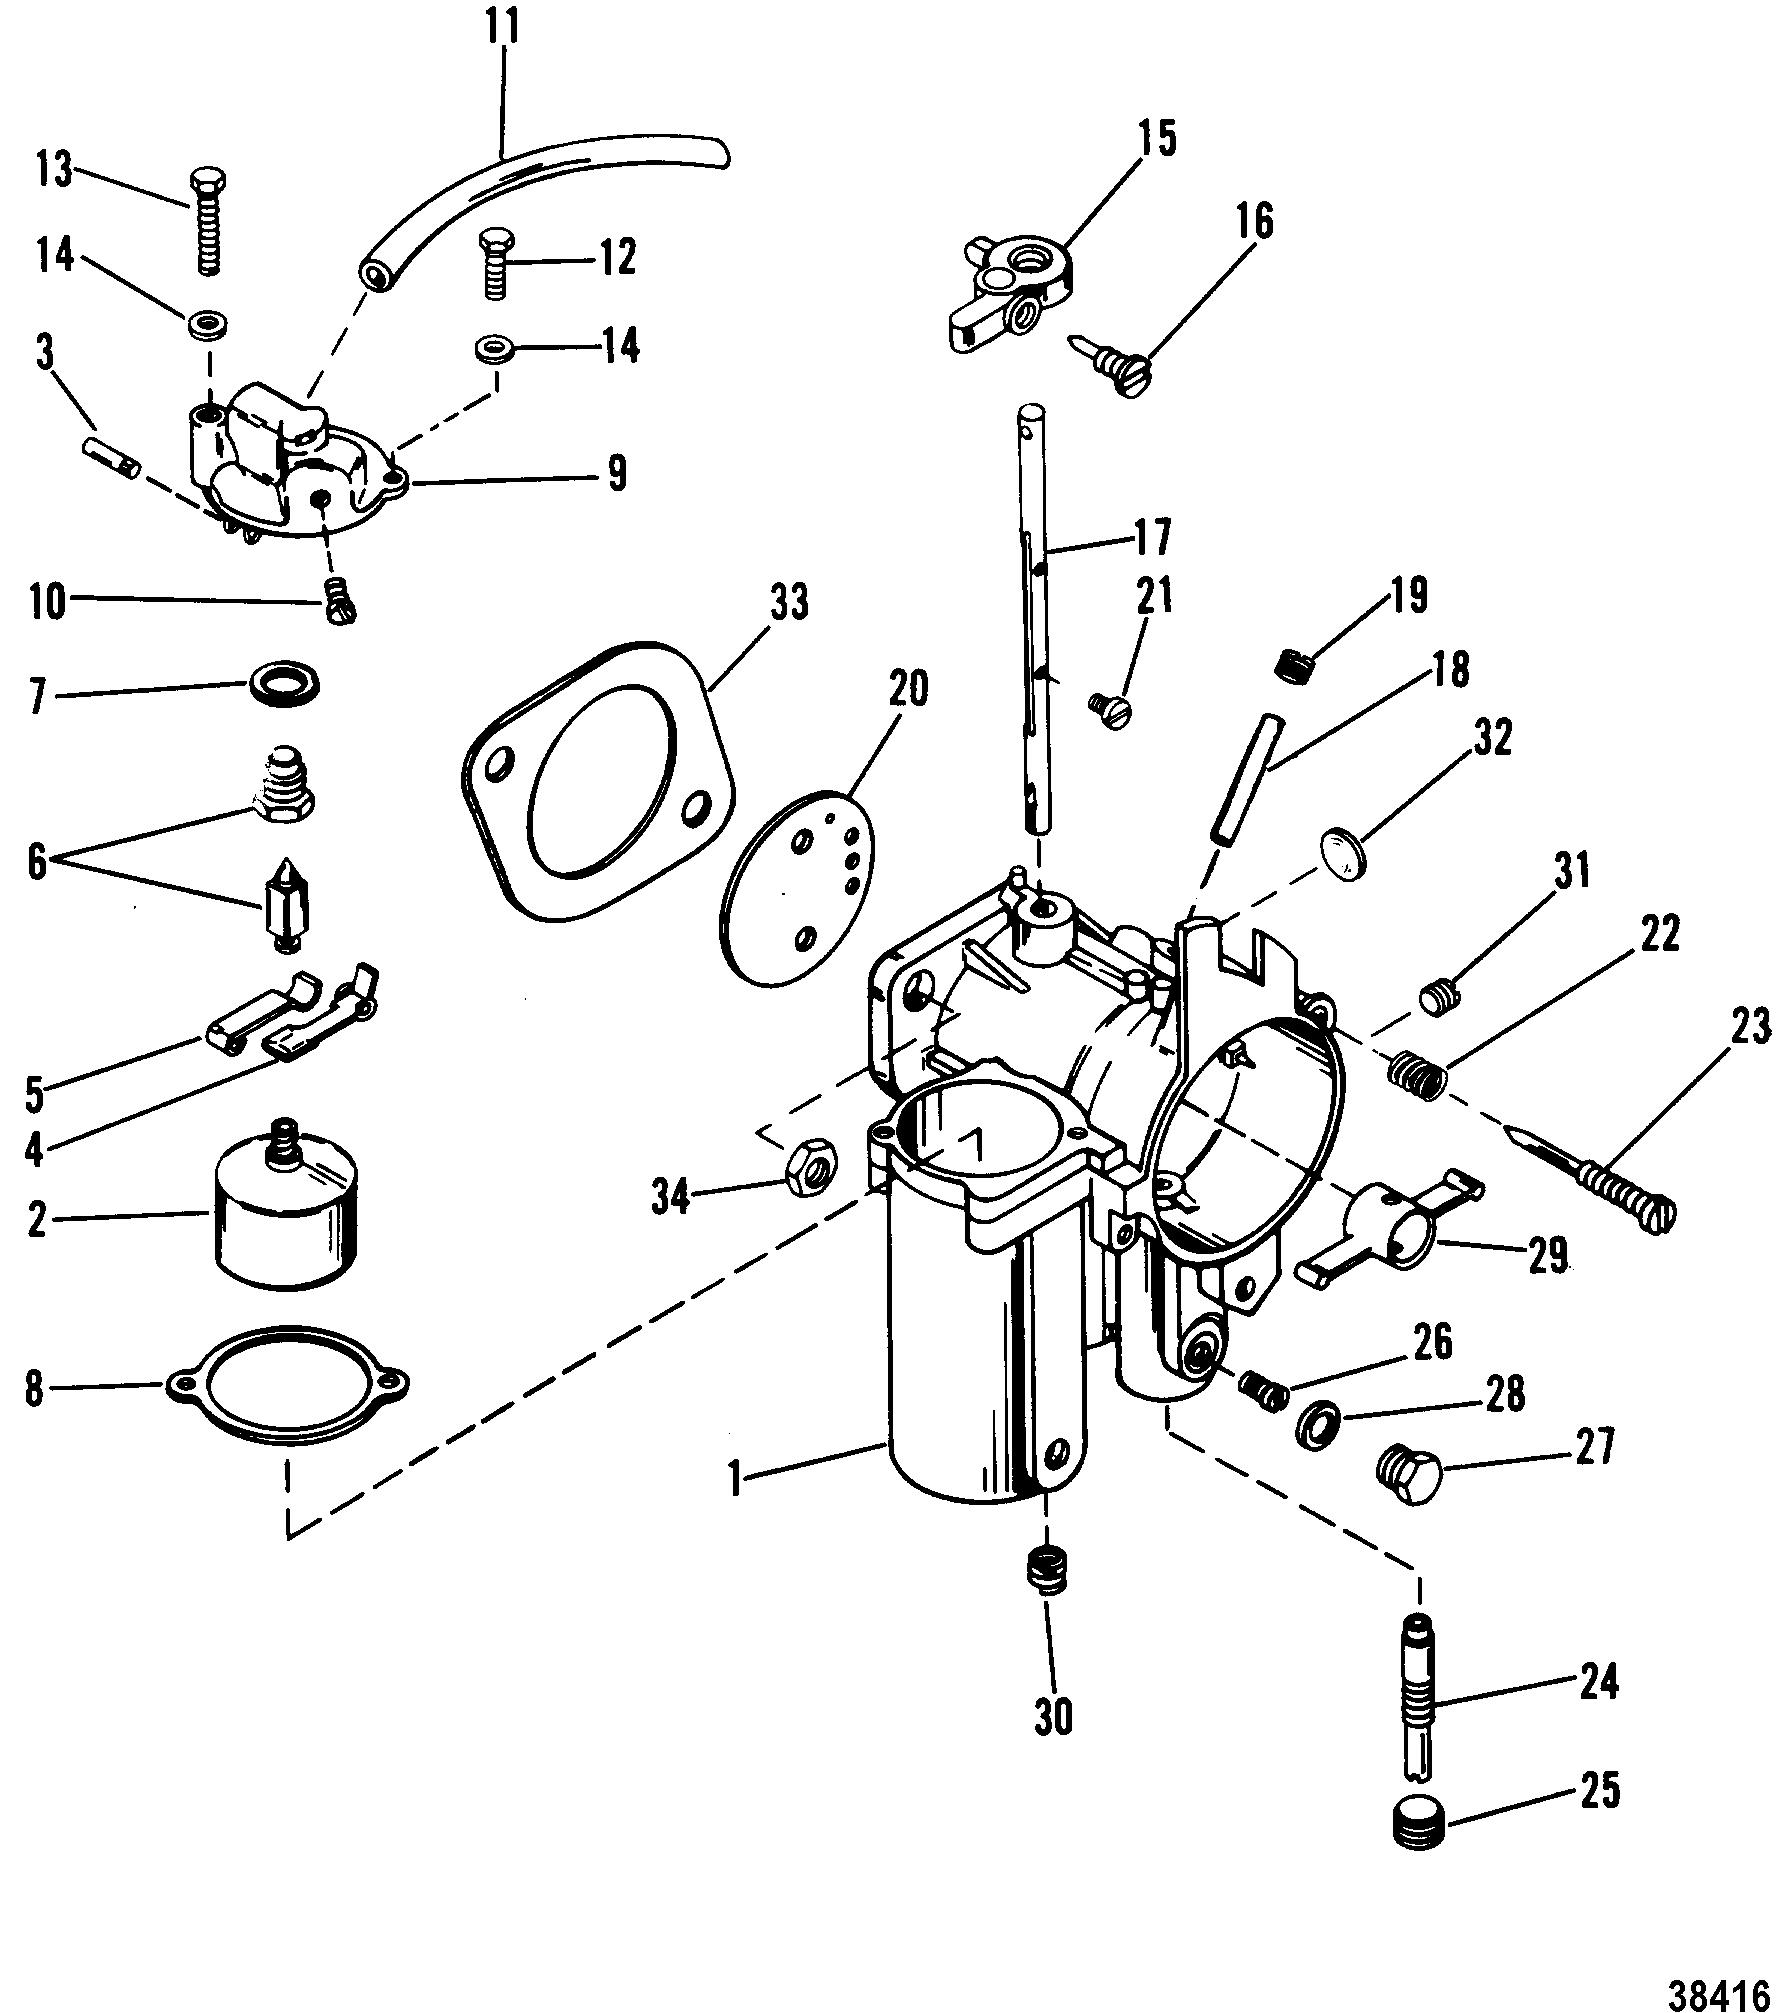 ct 70 1980 manual part